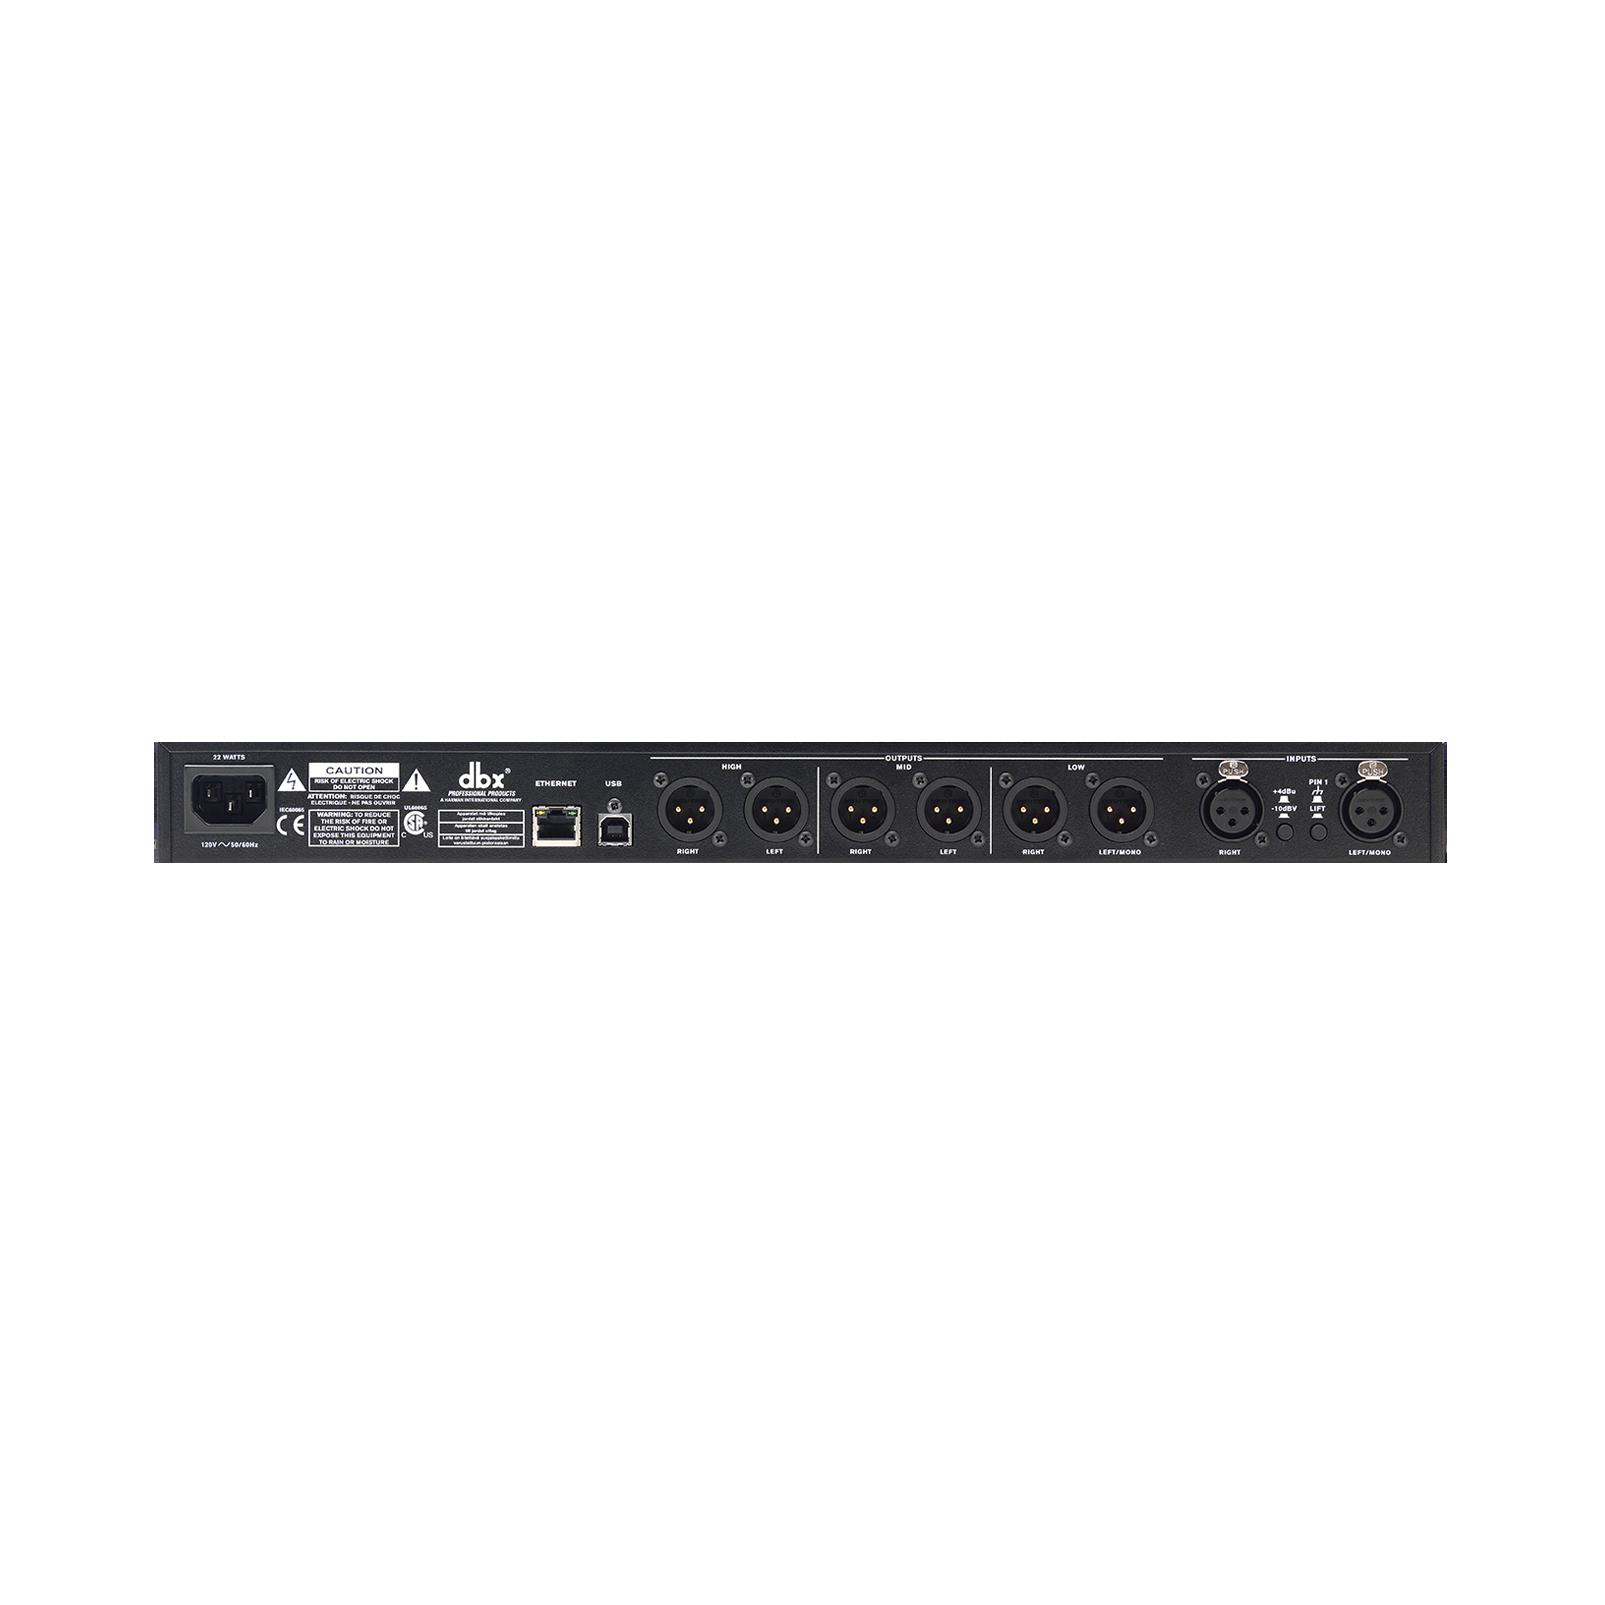 DriveRack PA2 - Black - Complete loudspeaker management system - Back